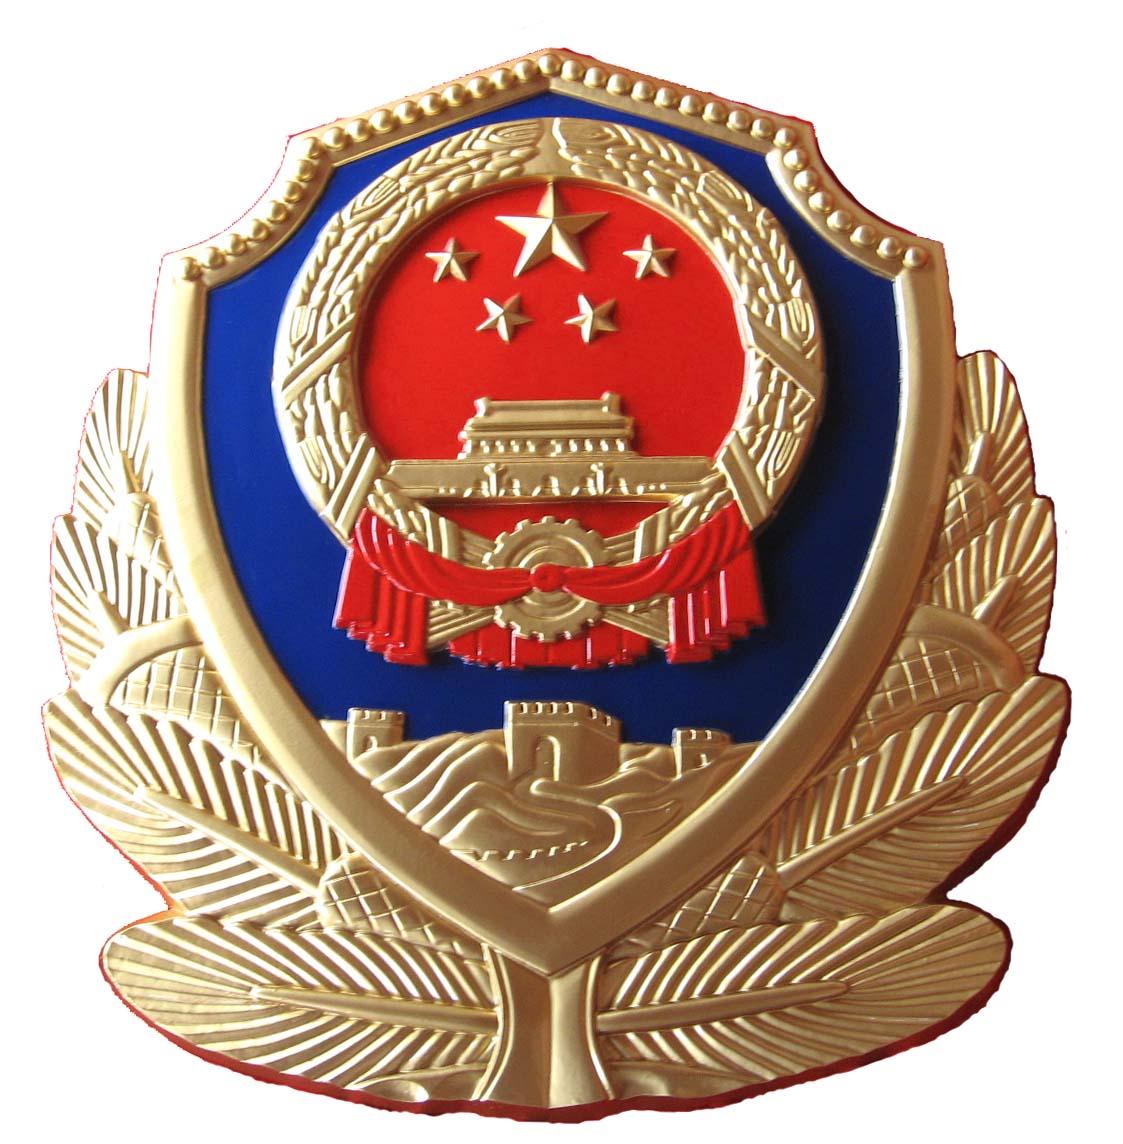 重庆新消防徽国徽党徽现货销售 订购国徽报价